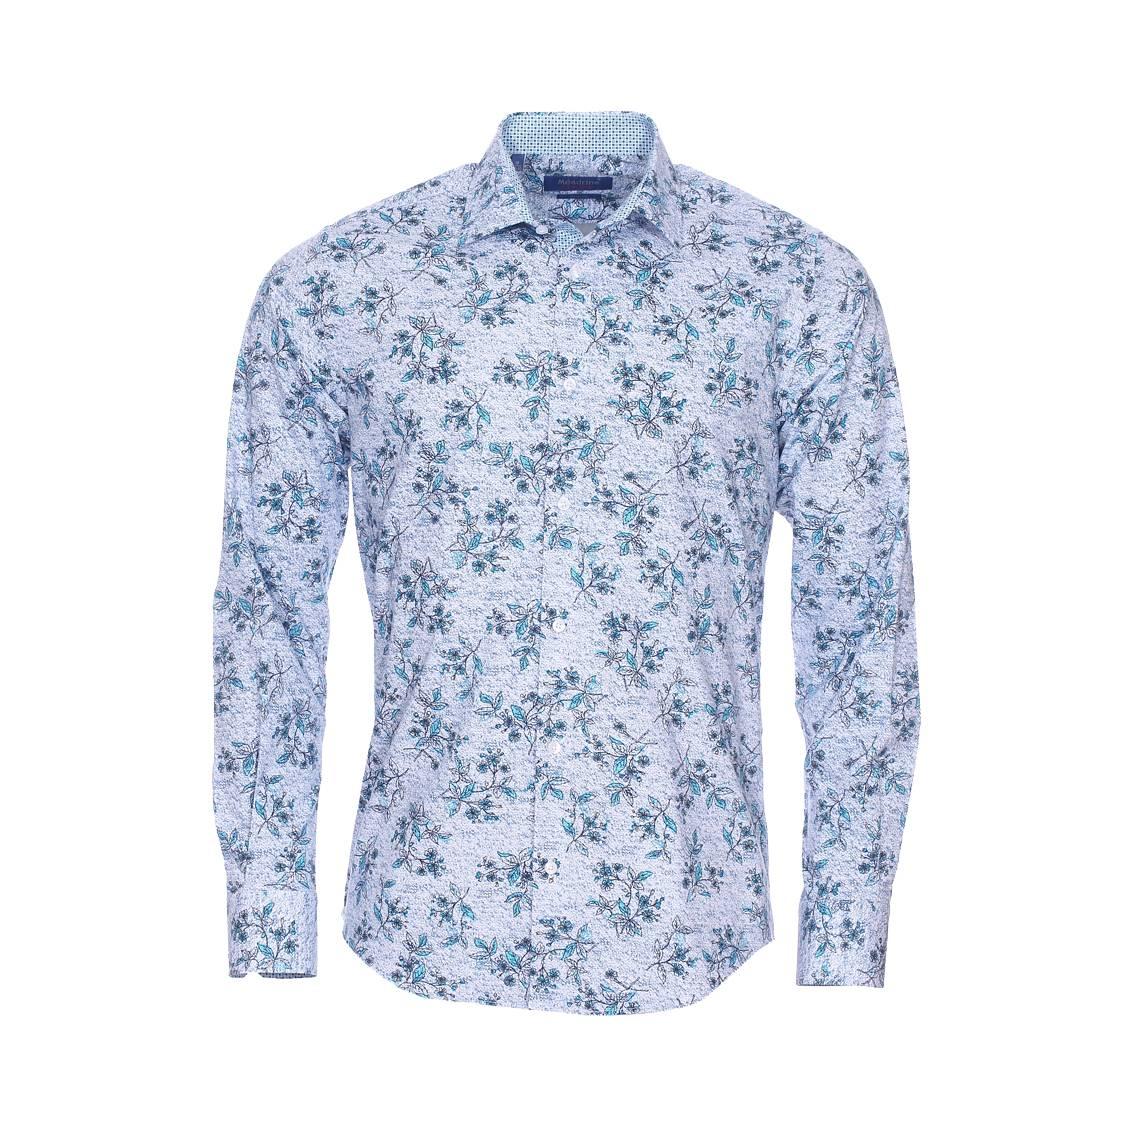 99ddd2ec7cdb Chemise cintrée Méadrine Fantaisie en coton stretch blanc à effet tâcheté  bleu marine et fleurs bleu ...